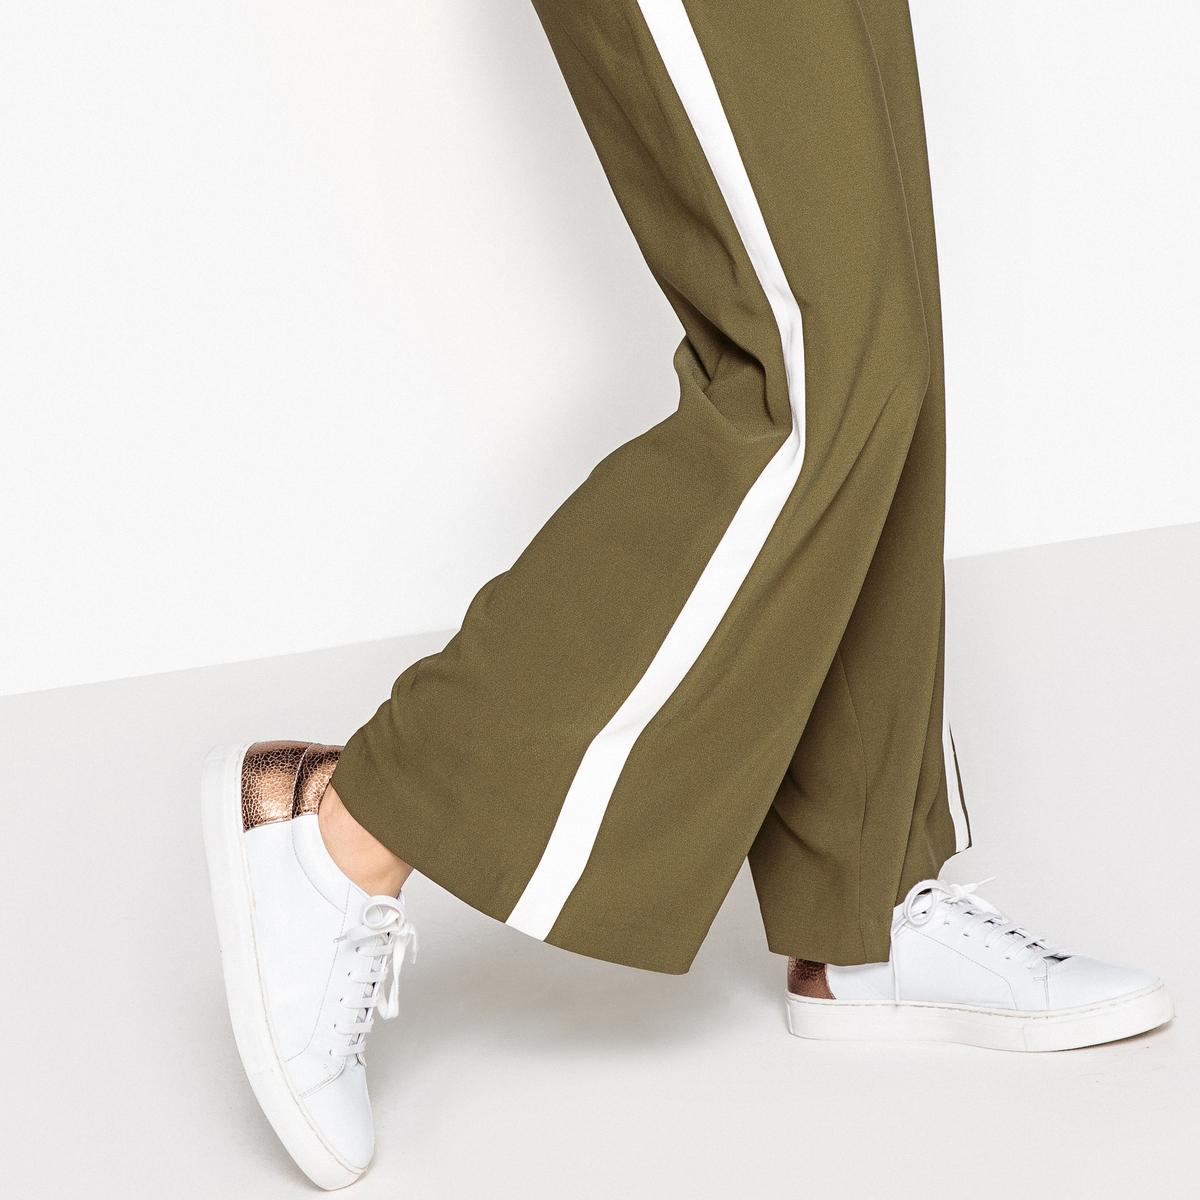 Zapatillas de piel tono cobre detrás